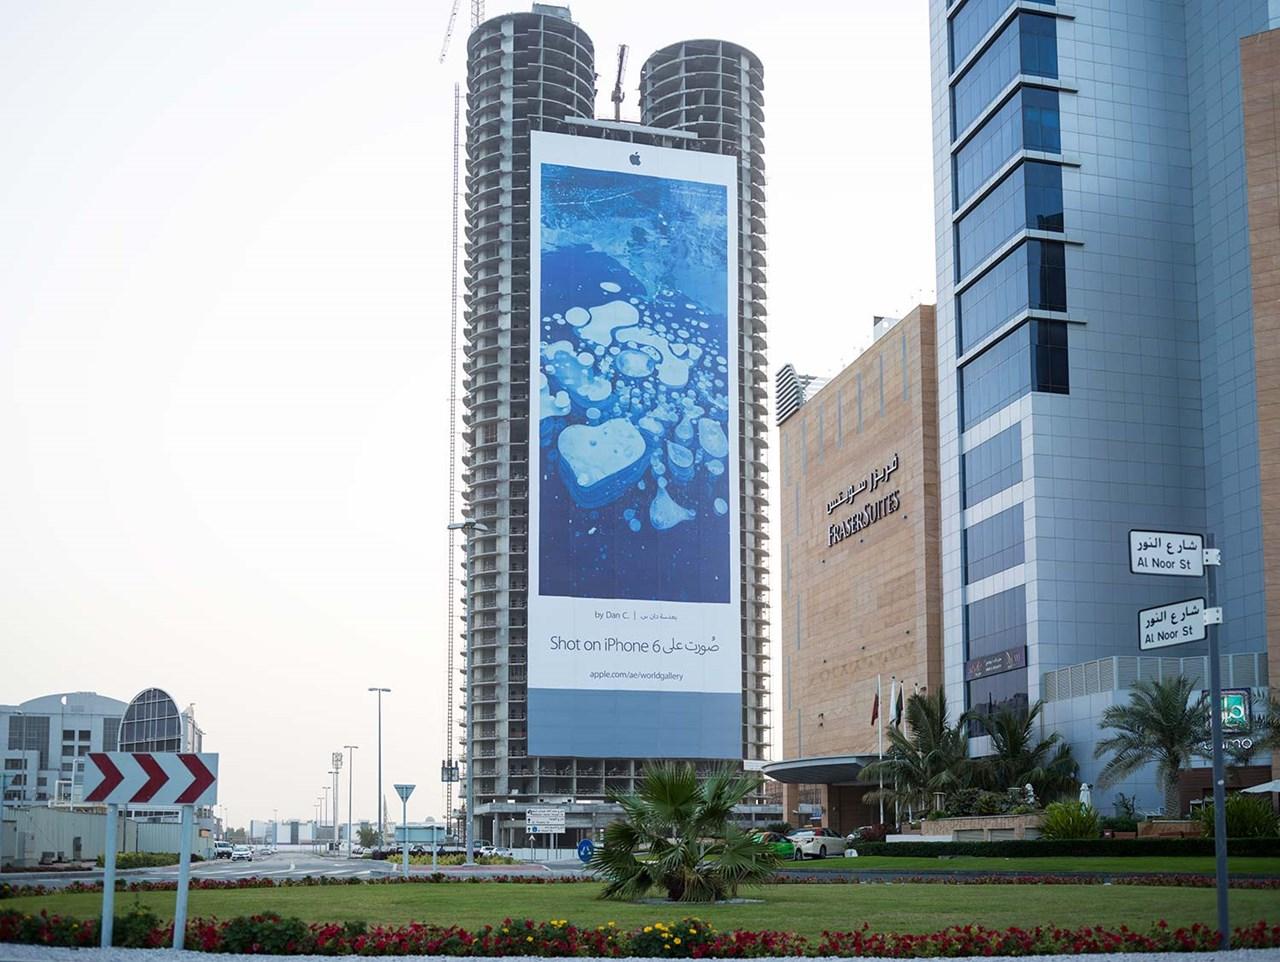 애플 아이폰6 옥외광고 아이폰은 찍은 사진 두바이, Photo by Dom Romney.jpg